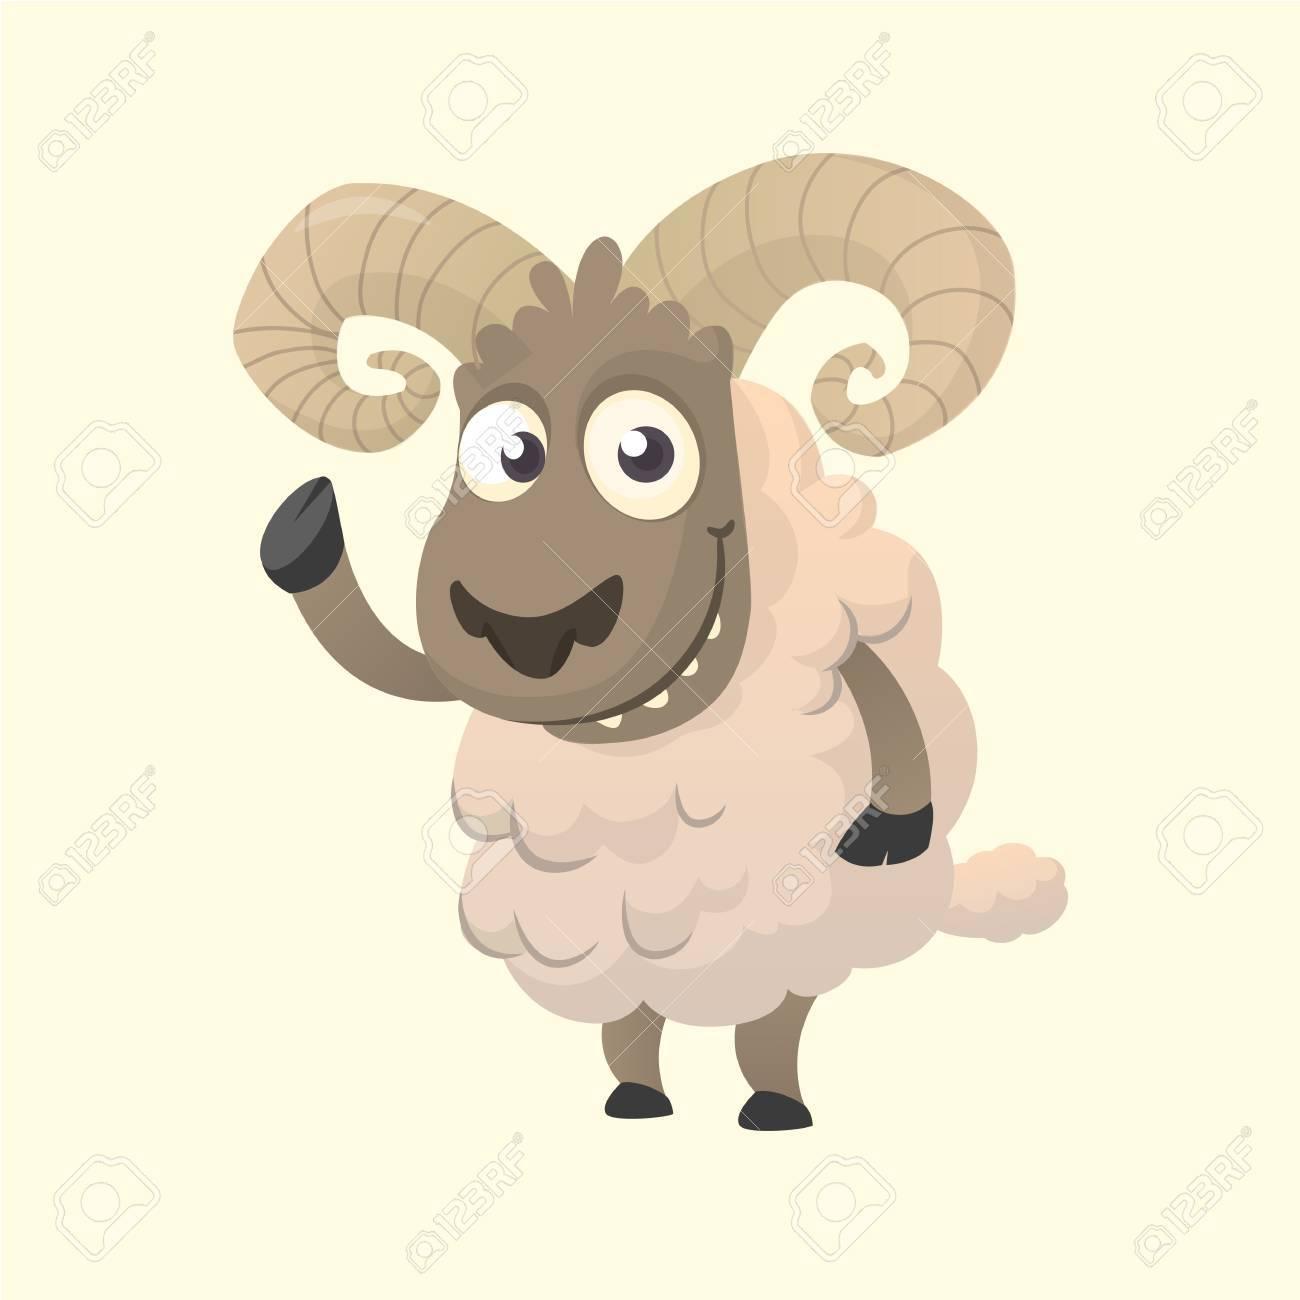 かわいい漫画の羊のマスコット キャラクター手を振ってふわふわ羊の